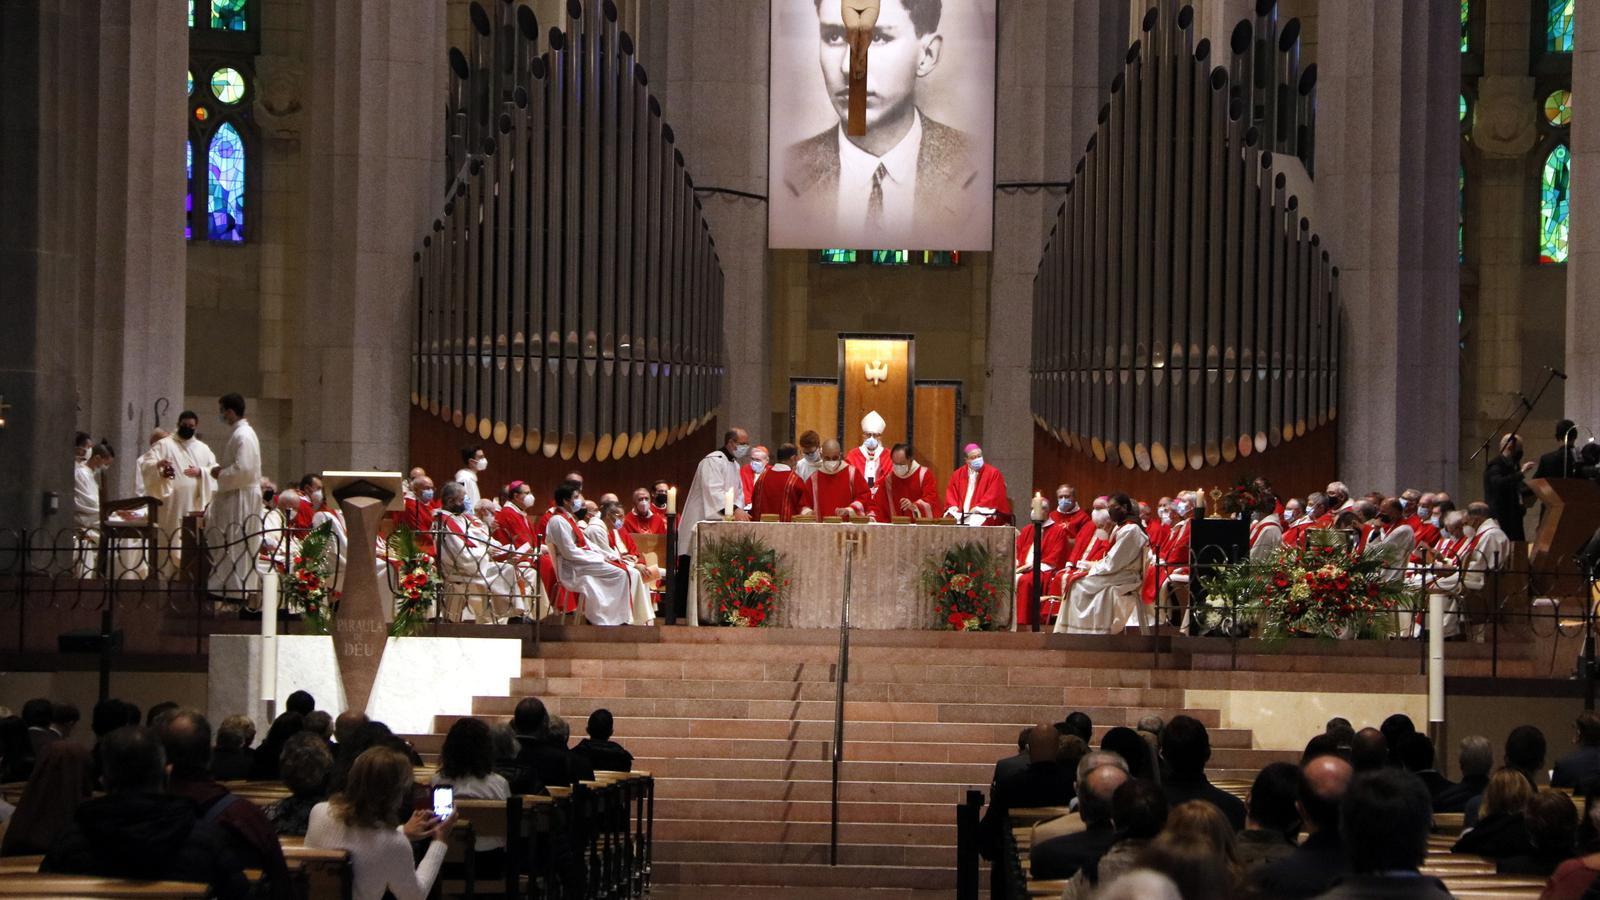 Salut obre un expedient per investigar la missa multitudinària a la Sagrada Família